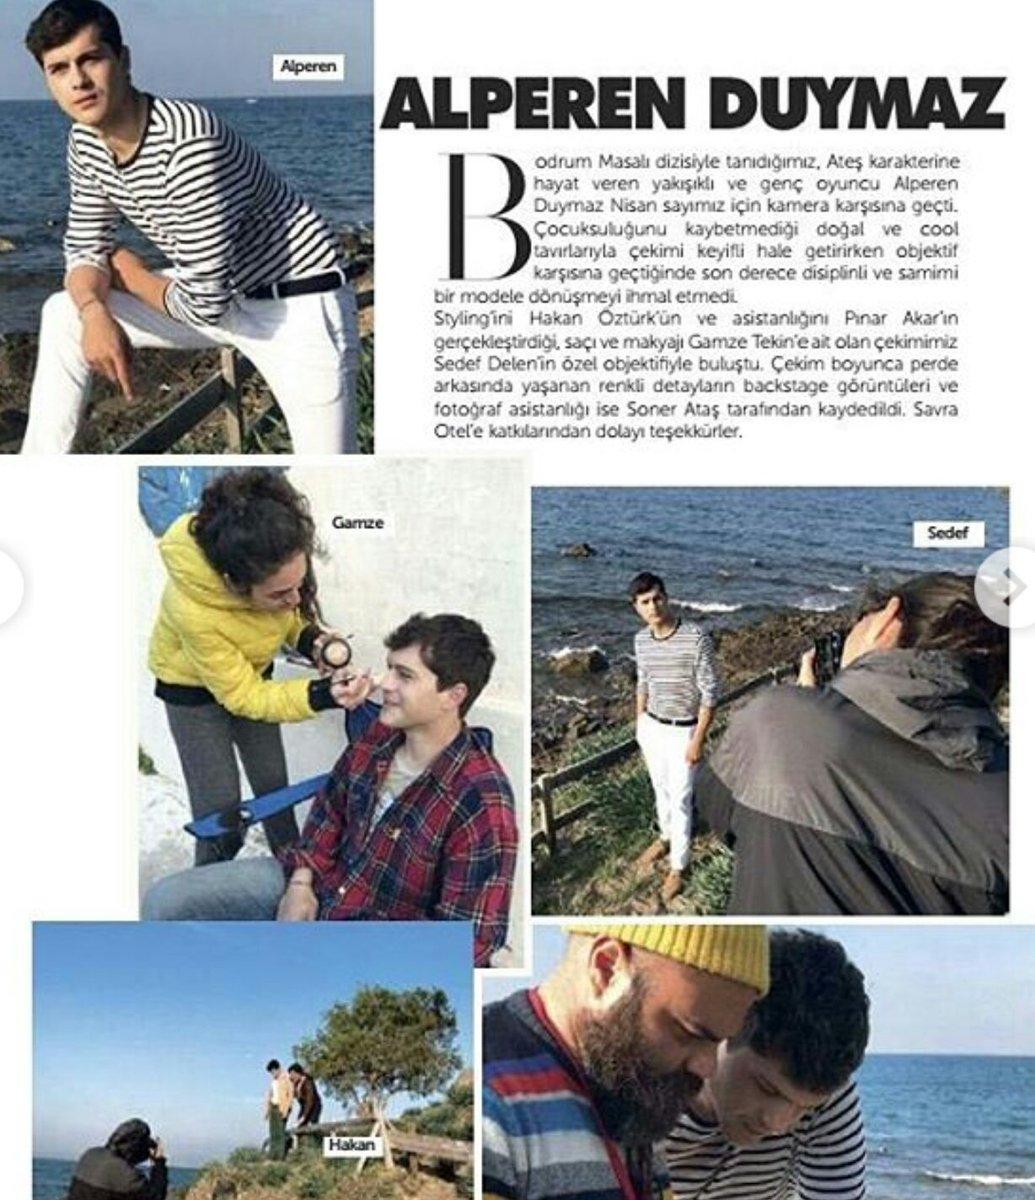 Alperen Duymaz Bestyle Dergisi Nisan Sayısında